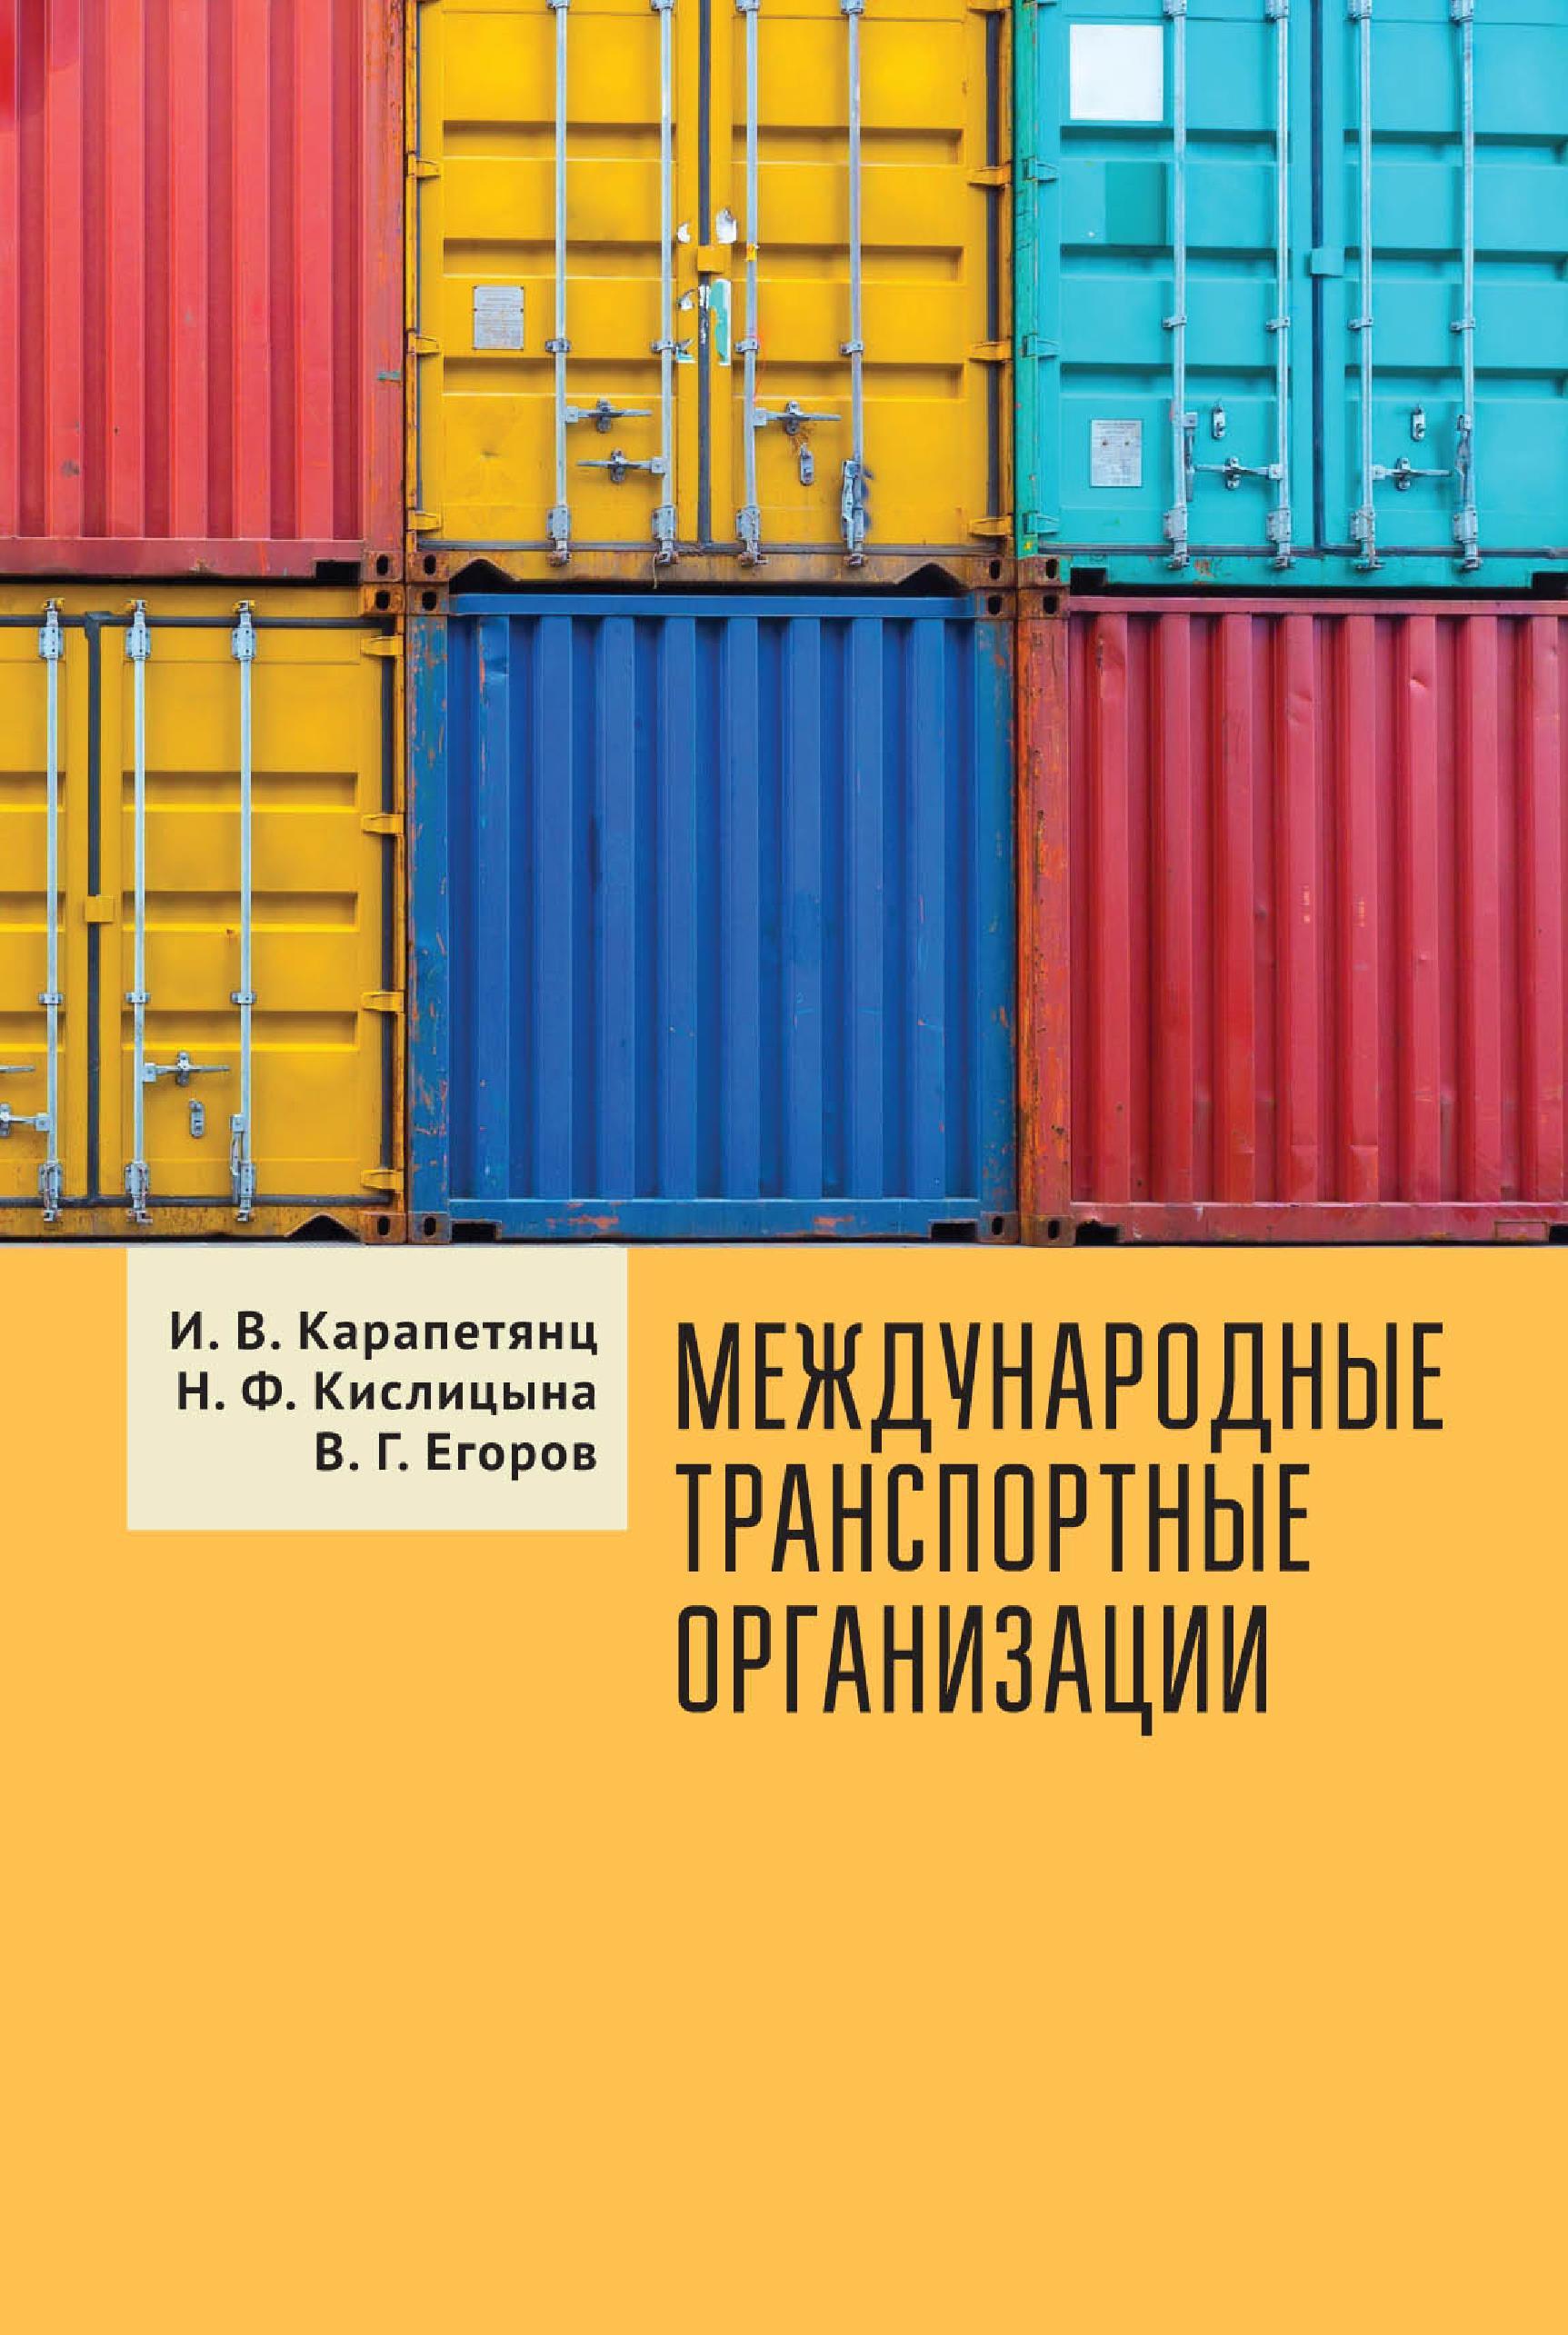 Международные транспортные организации ( Наталия Феликсовна Кислицына  )